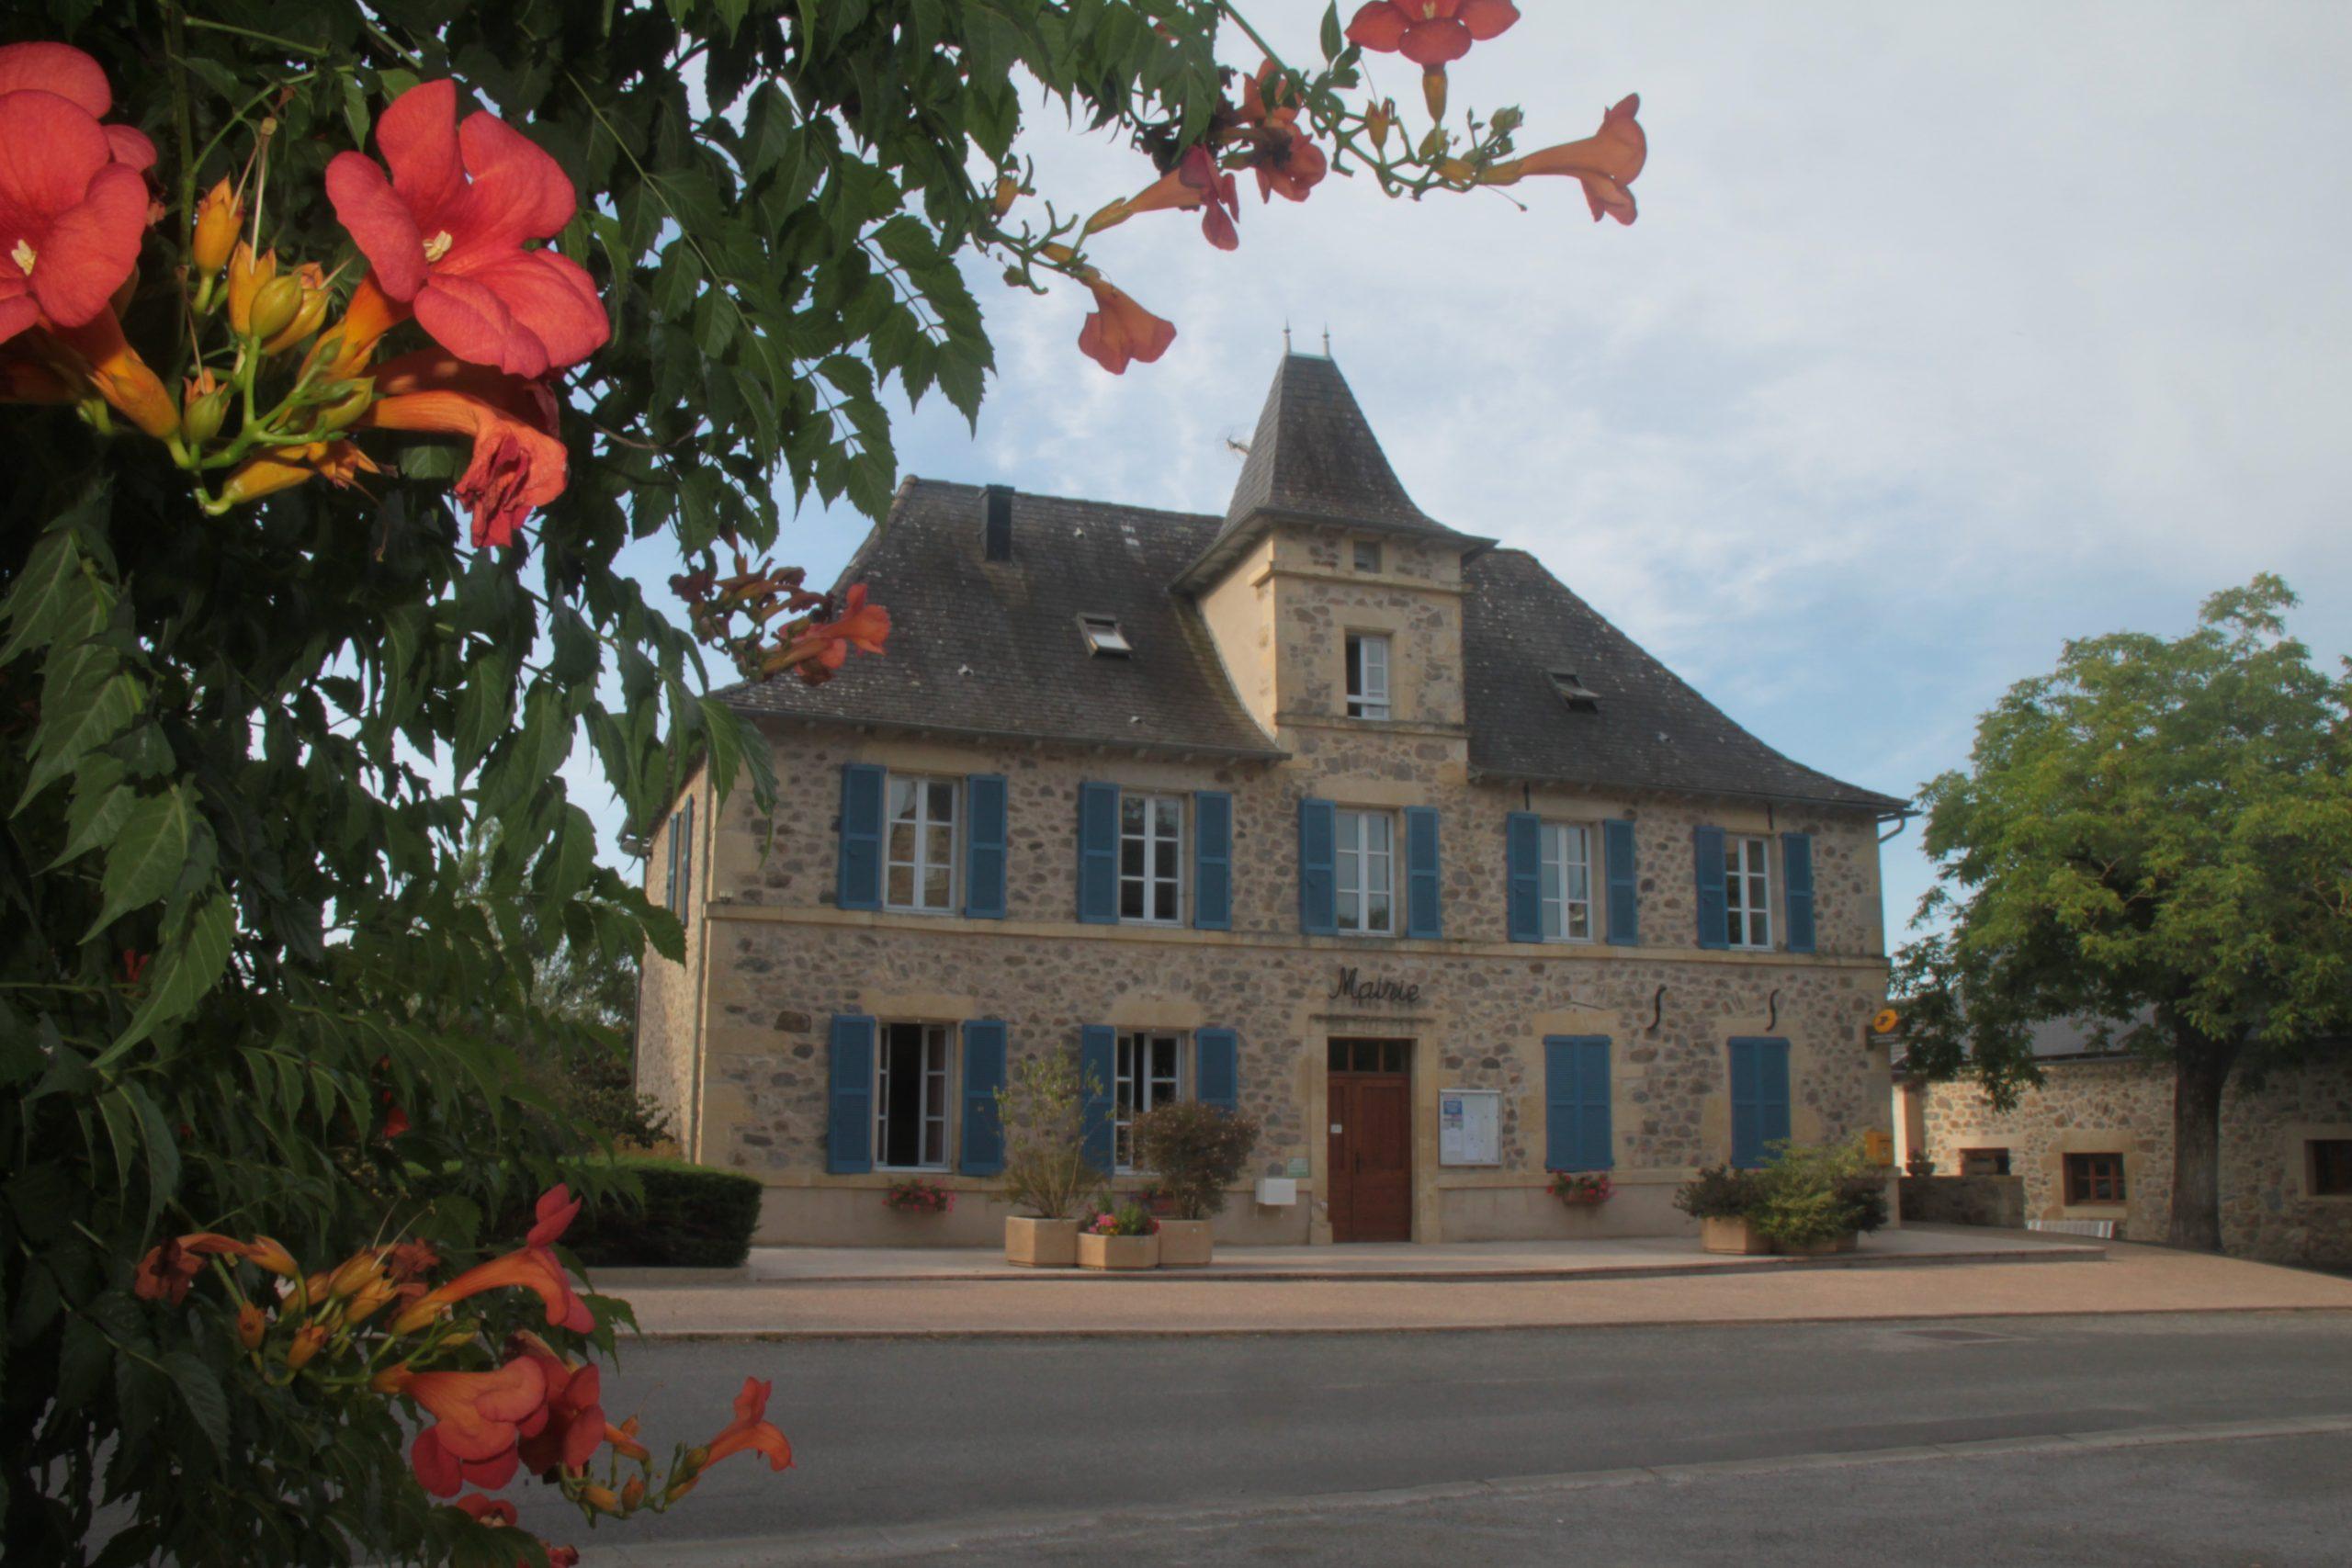 Mairie de Maleville